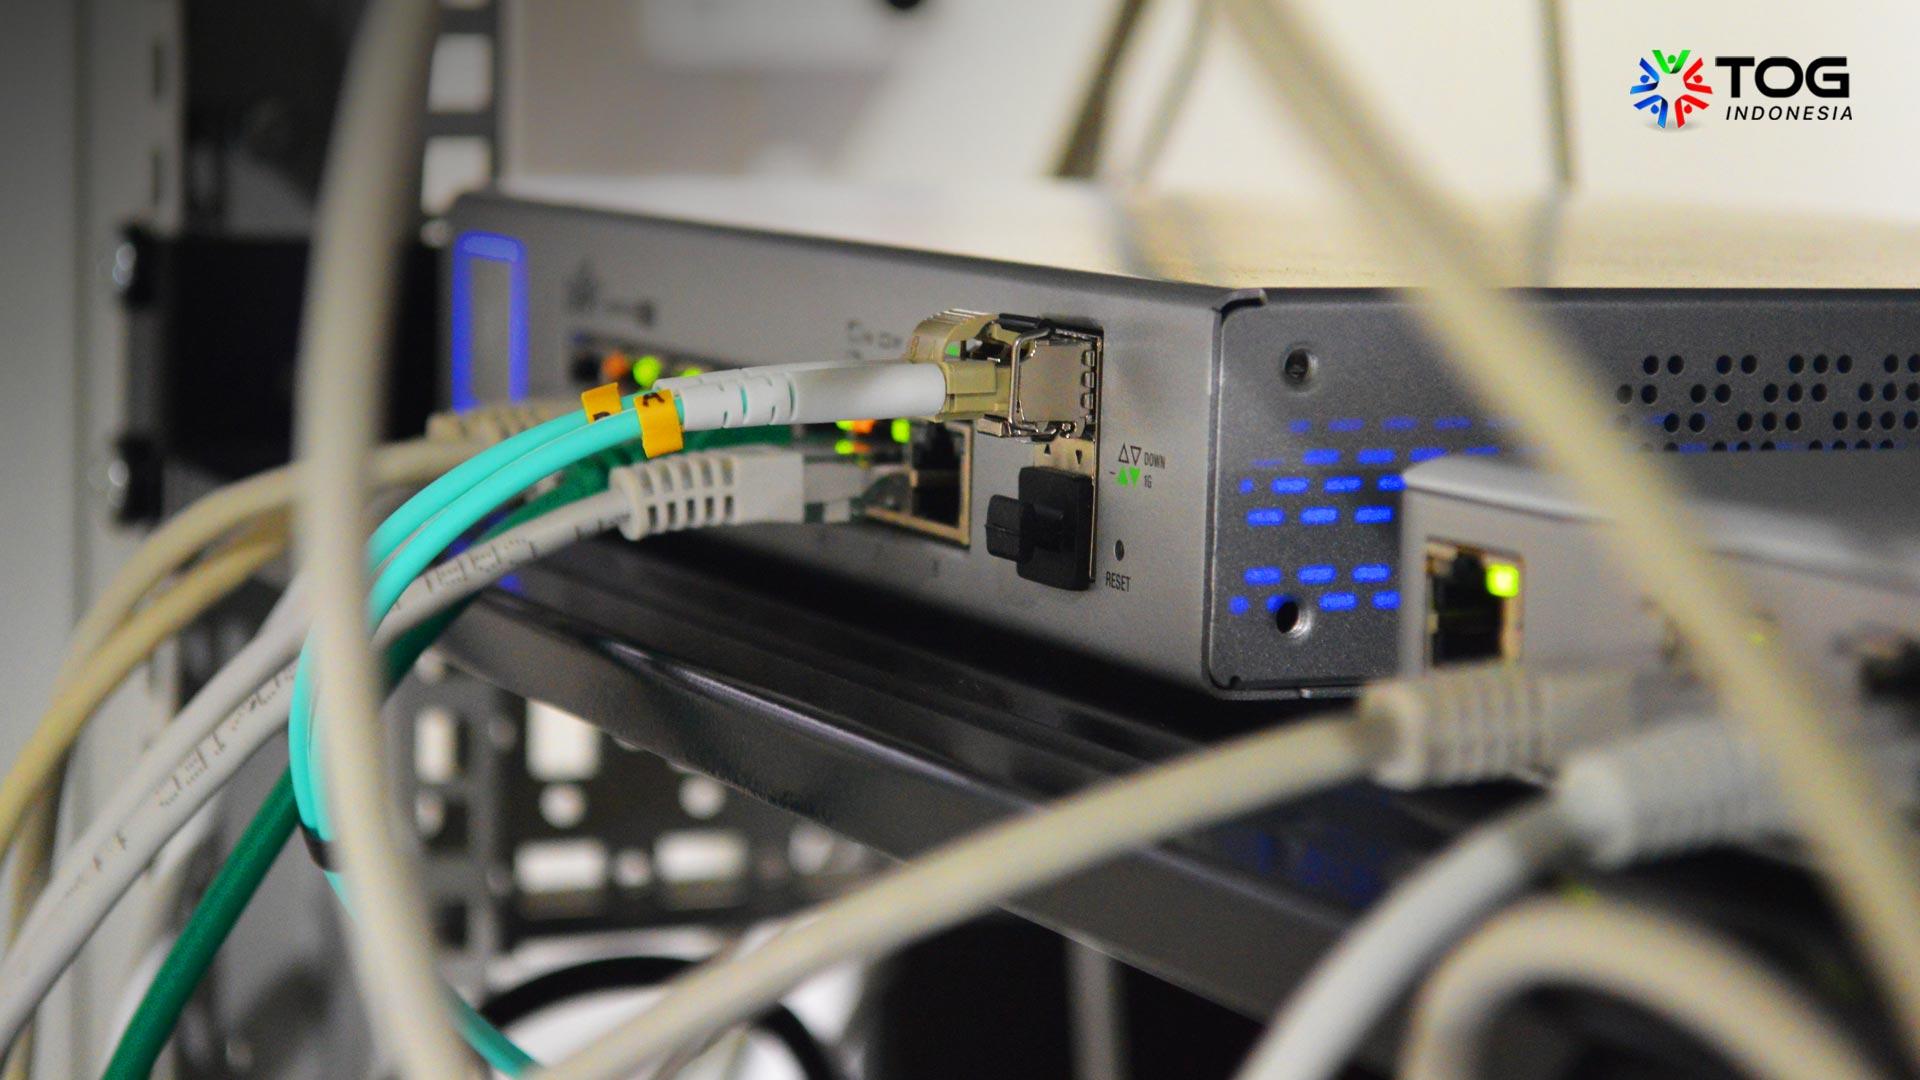 IT network engineer